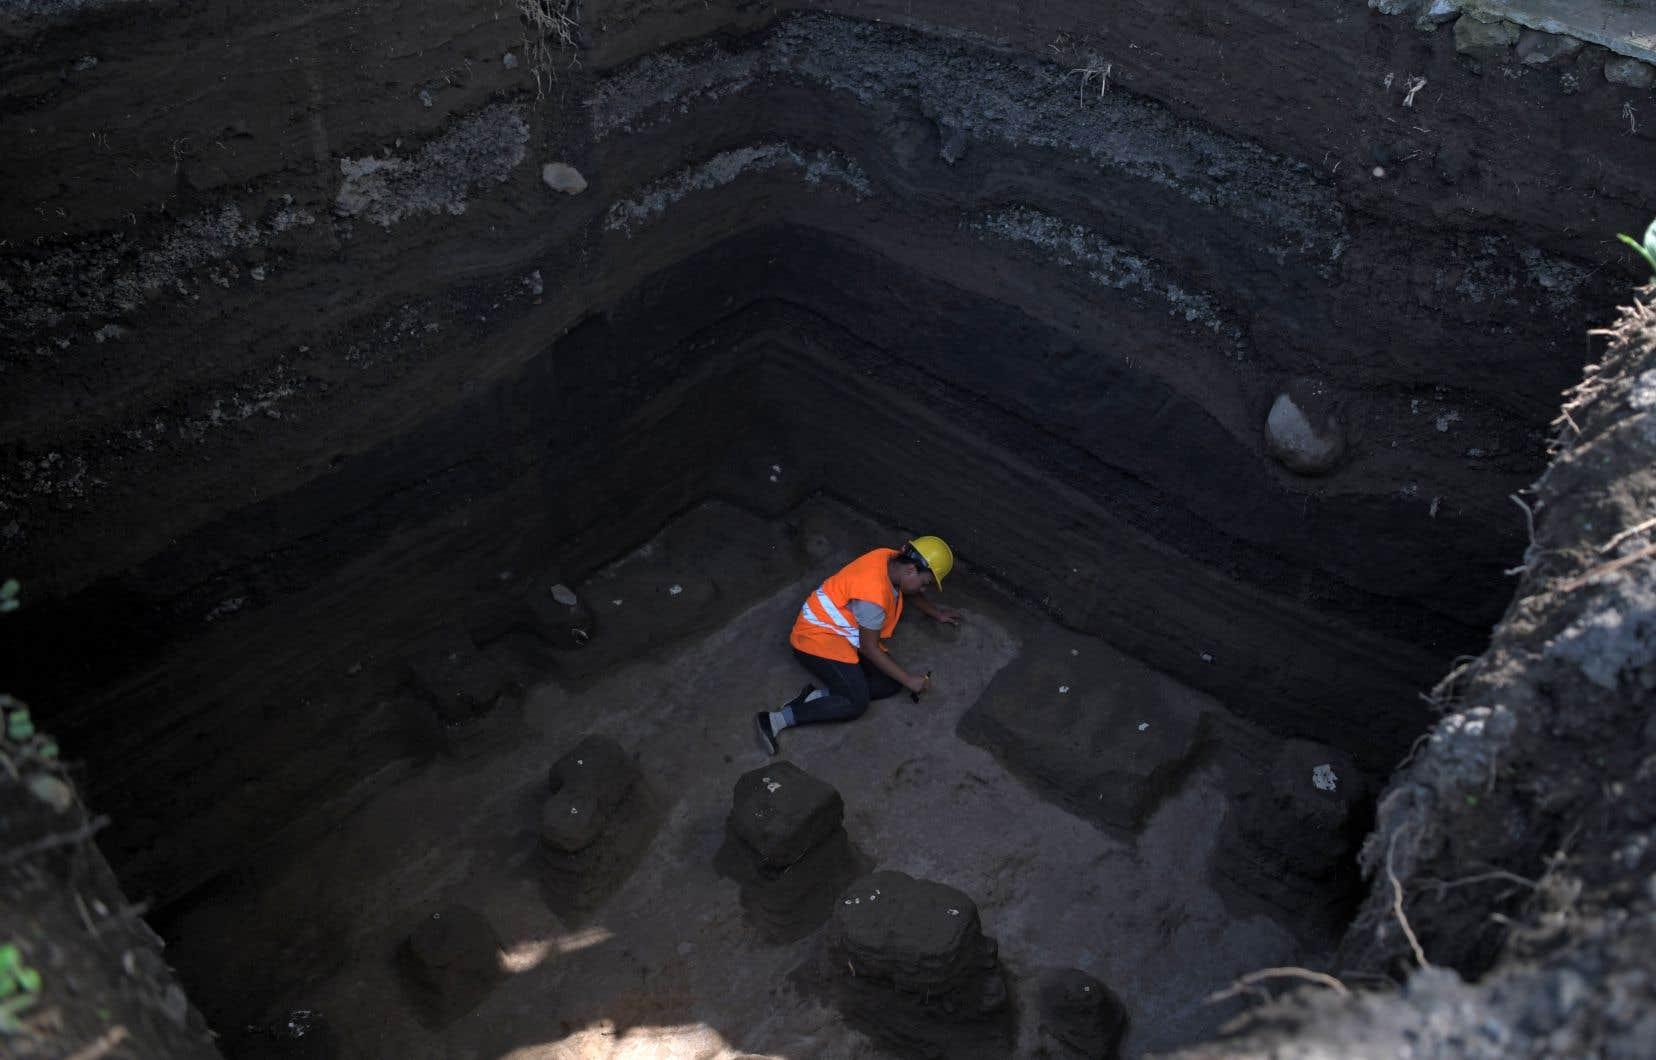 La pseudo-archéologie sera à l'ordre du jour du congrès de la Société américaine d'archéologie cette semaine, et certains préviennent que cela pourrait être un combat plus difficile que ce que d'aucuns imaginent.